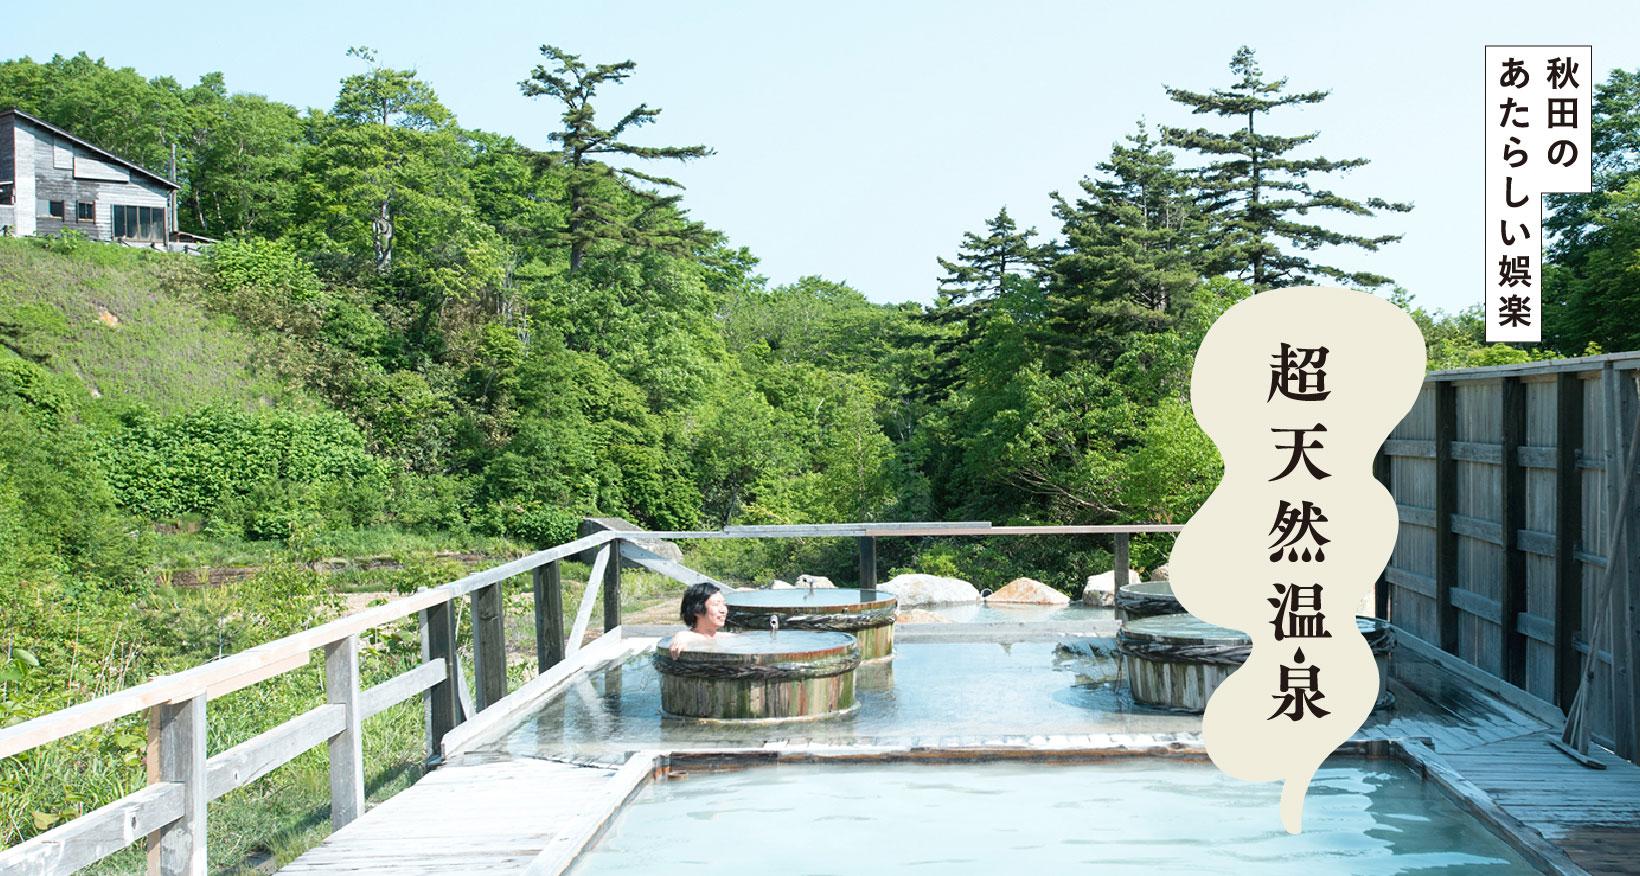 秋田の新しい娯楽 超天然温泉